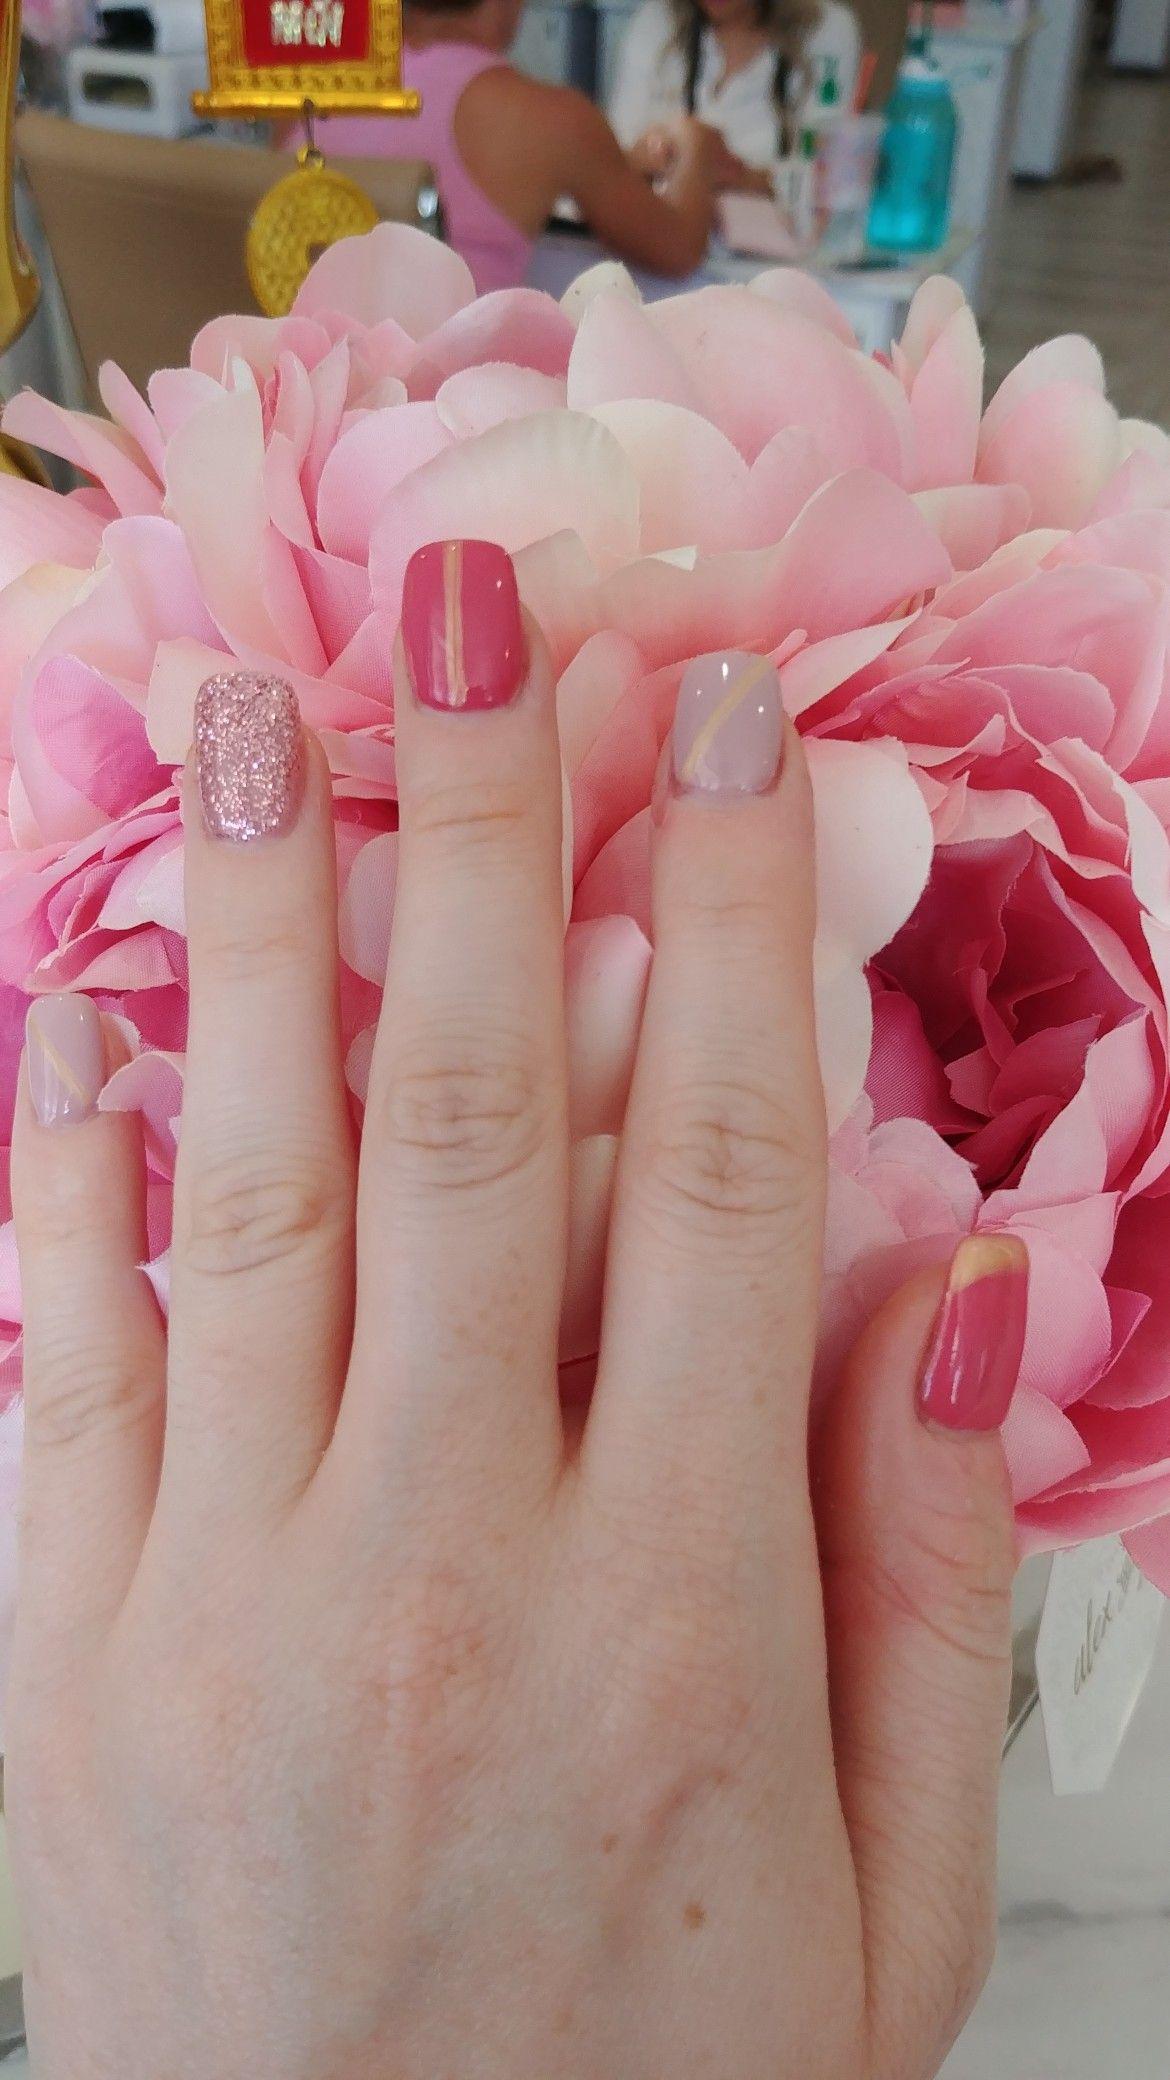 Summer 2018 Nails Nailart Dnd 606 And 038 Summer2018 Peony Pazzaz Presents